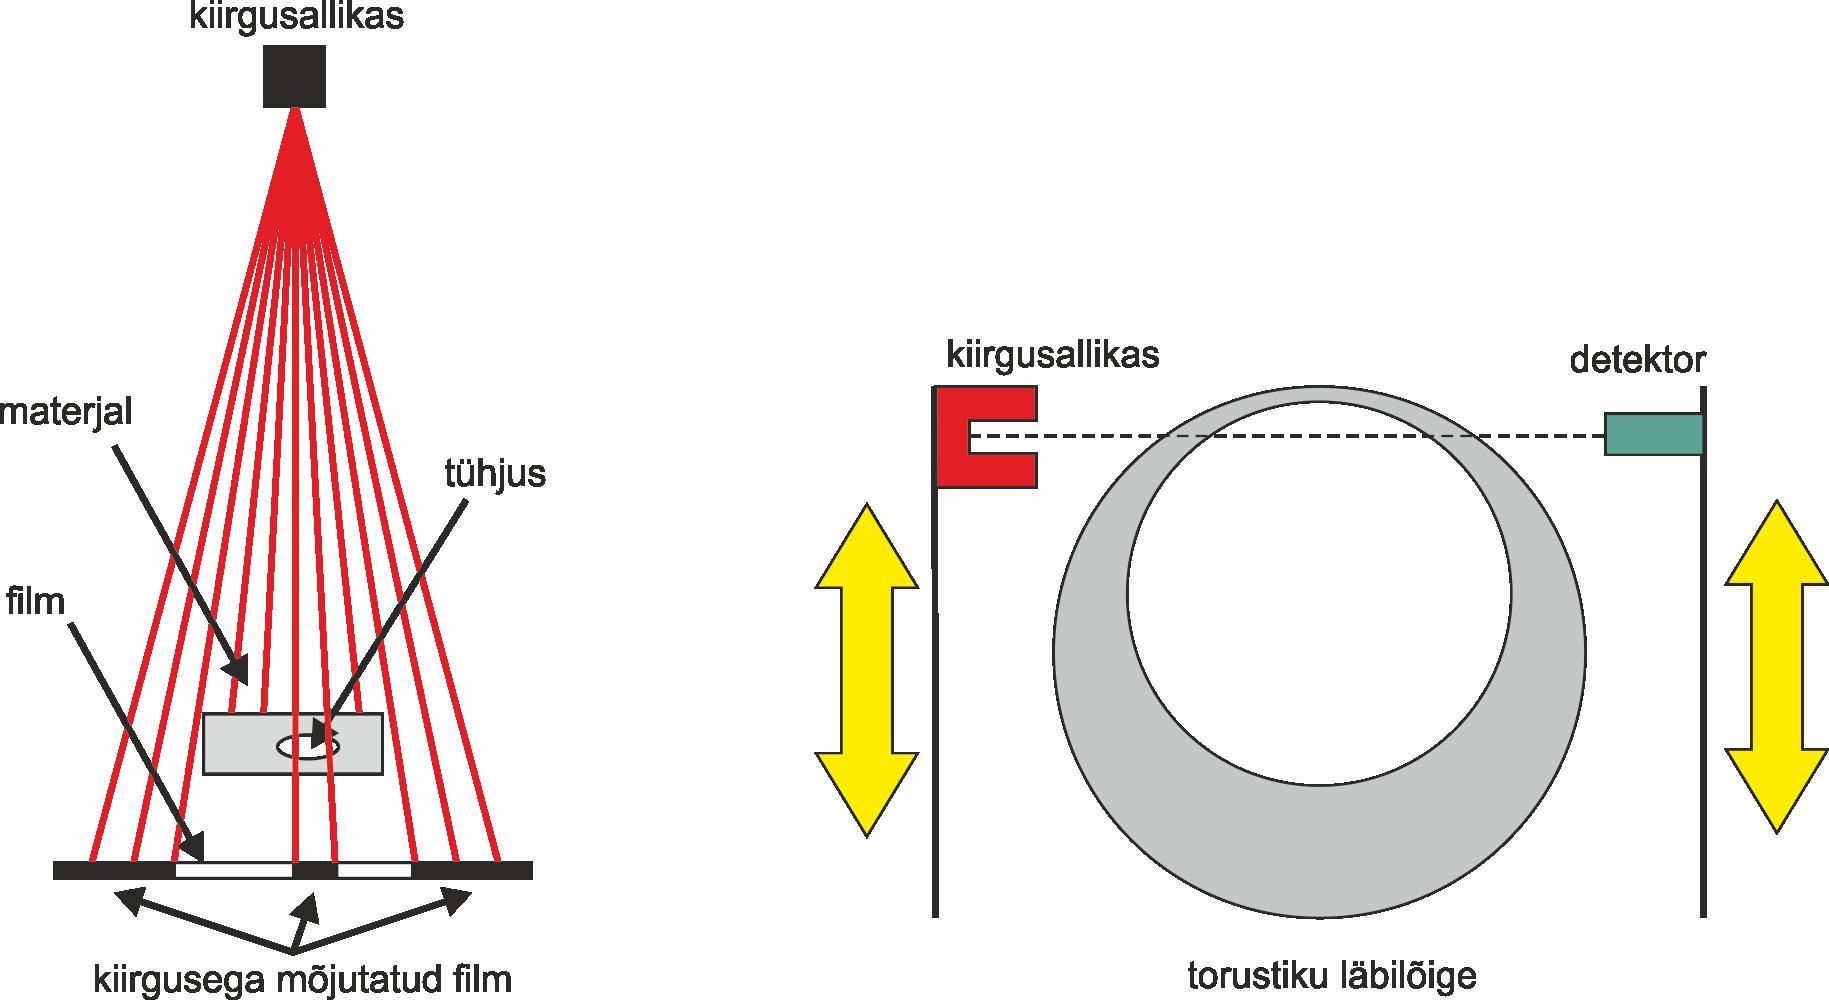 Tööstusliku  radiograafia  kasutmine  materjalide  kontrolliks  (Rahvusvahelise Aatomienergiaagentuuri juhendmaterjalide põhjal)